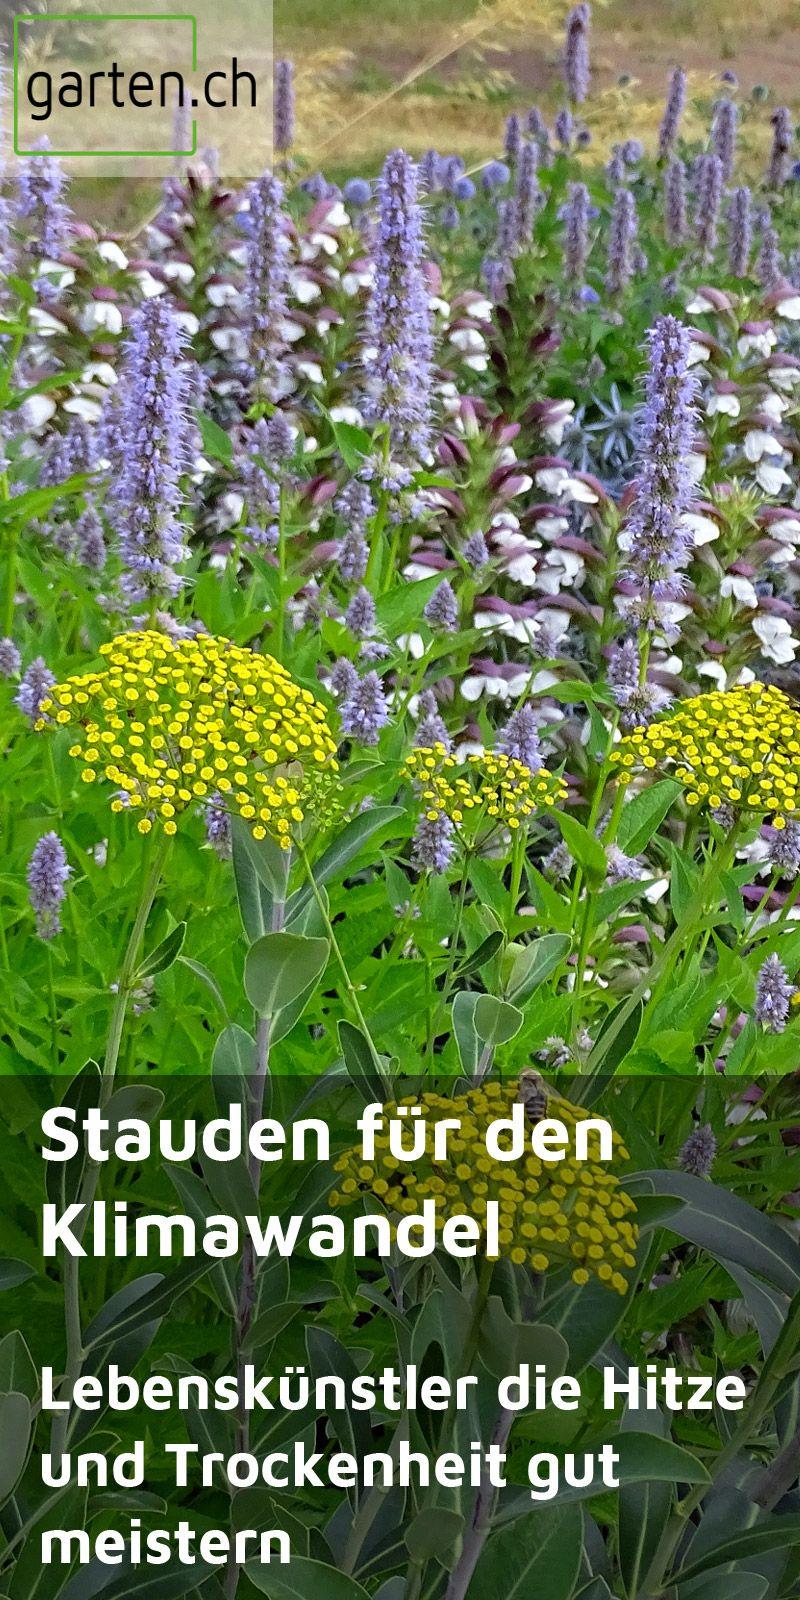 Gartengestaltung mit Stauden im Klimawandel: Spezialisten für Hitze und Trockenheit